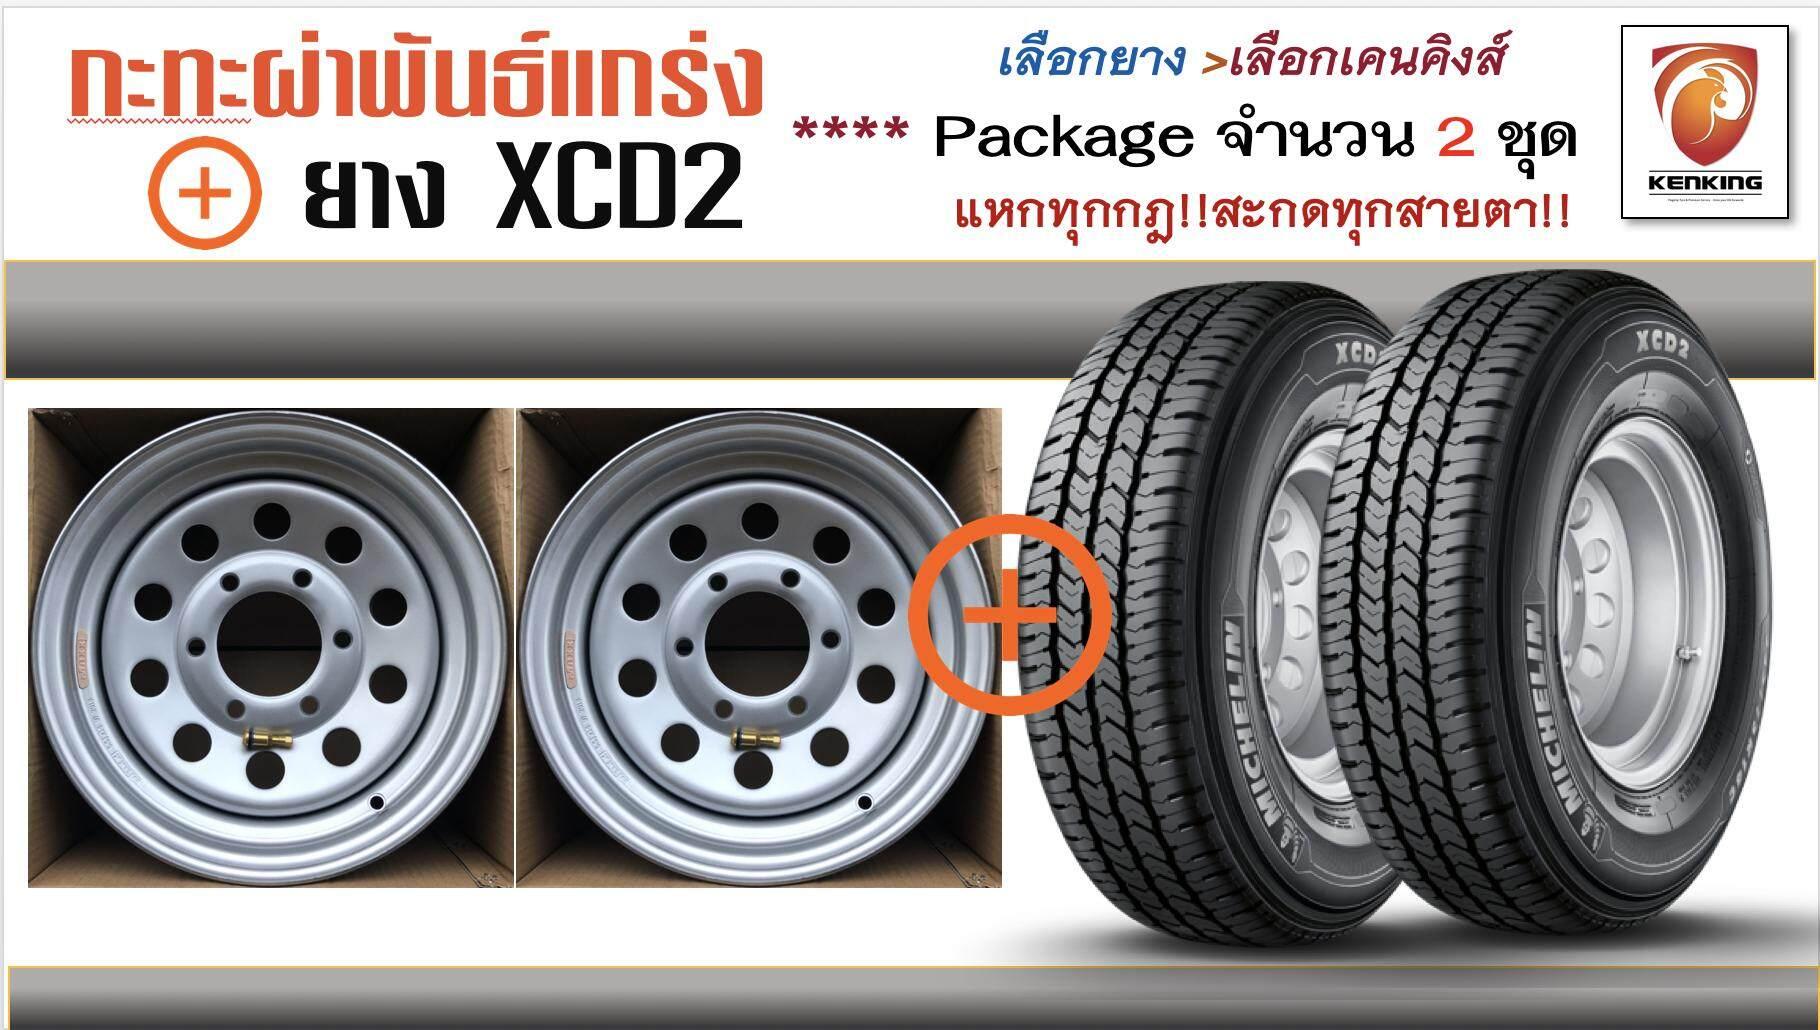 ตาก (กะทะพร้อมยาง) กะทะผ่า DMAX ขอบ 14 พันธุ์แกร่ง พร้อม ยางรถยนต์มิชลิน Michelin 225/75 R14 XCD2 (จำนวน 2 ชุด) ฟรี !! จุ๊ปทองเหลือง Premium เกรด มูลค่า 600 บาท